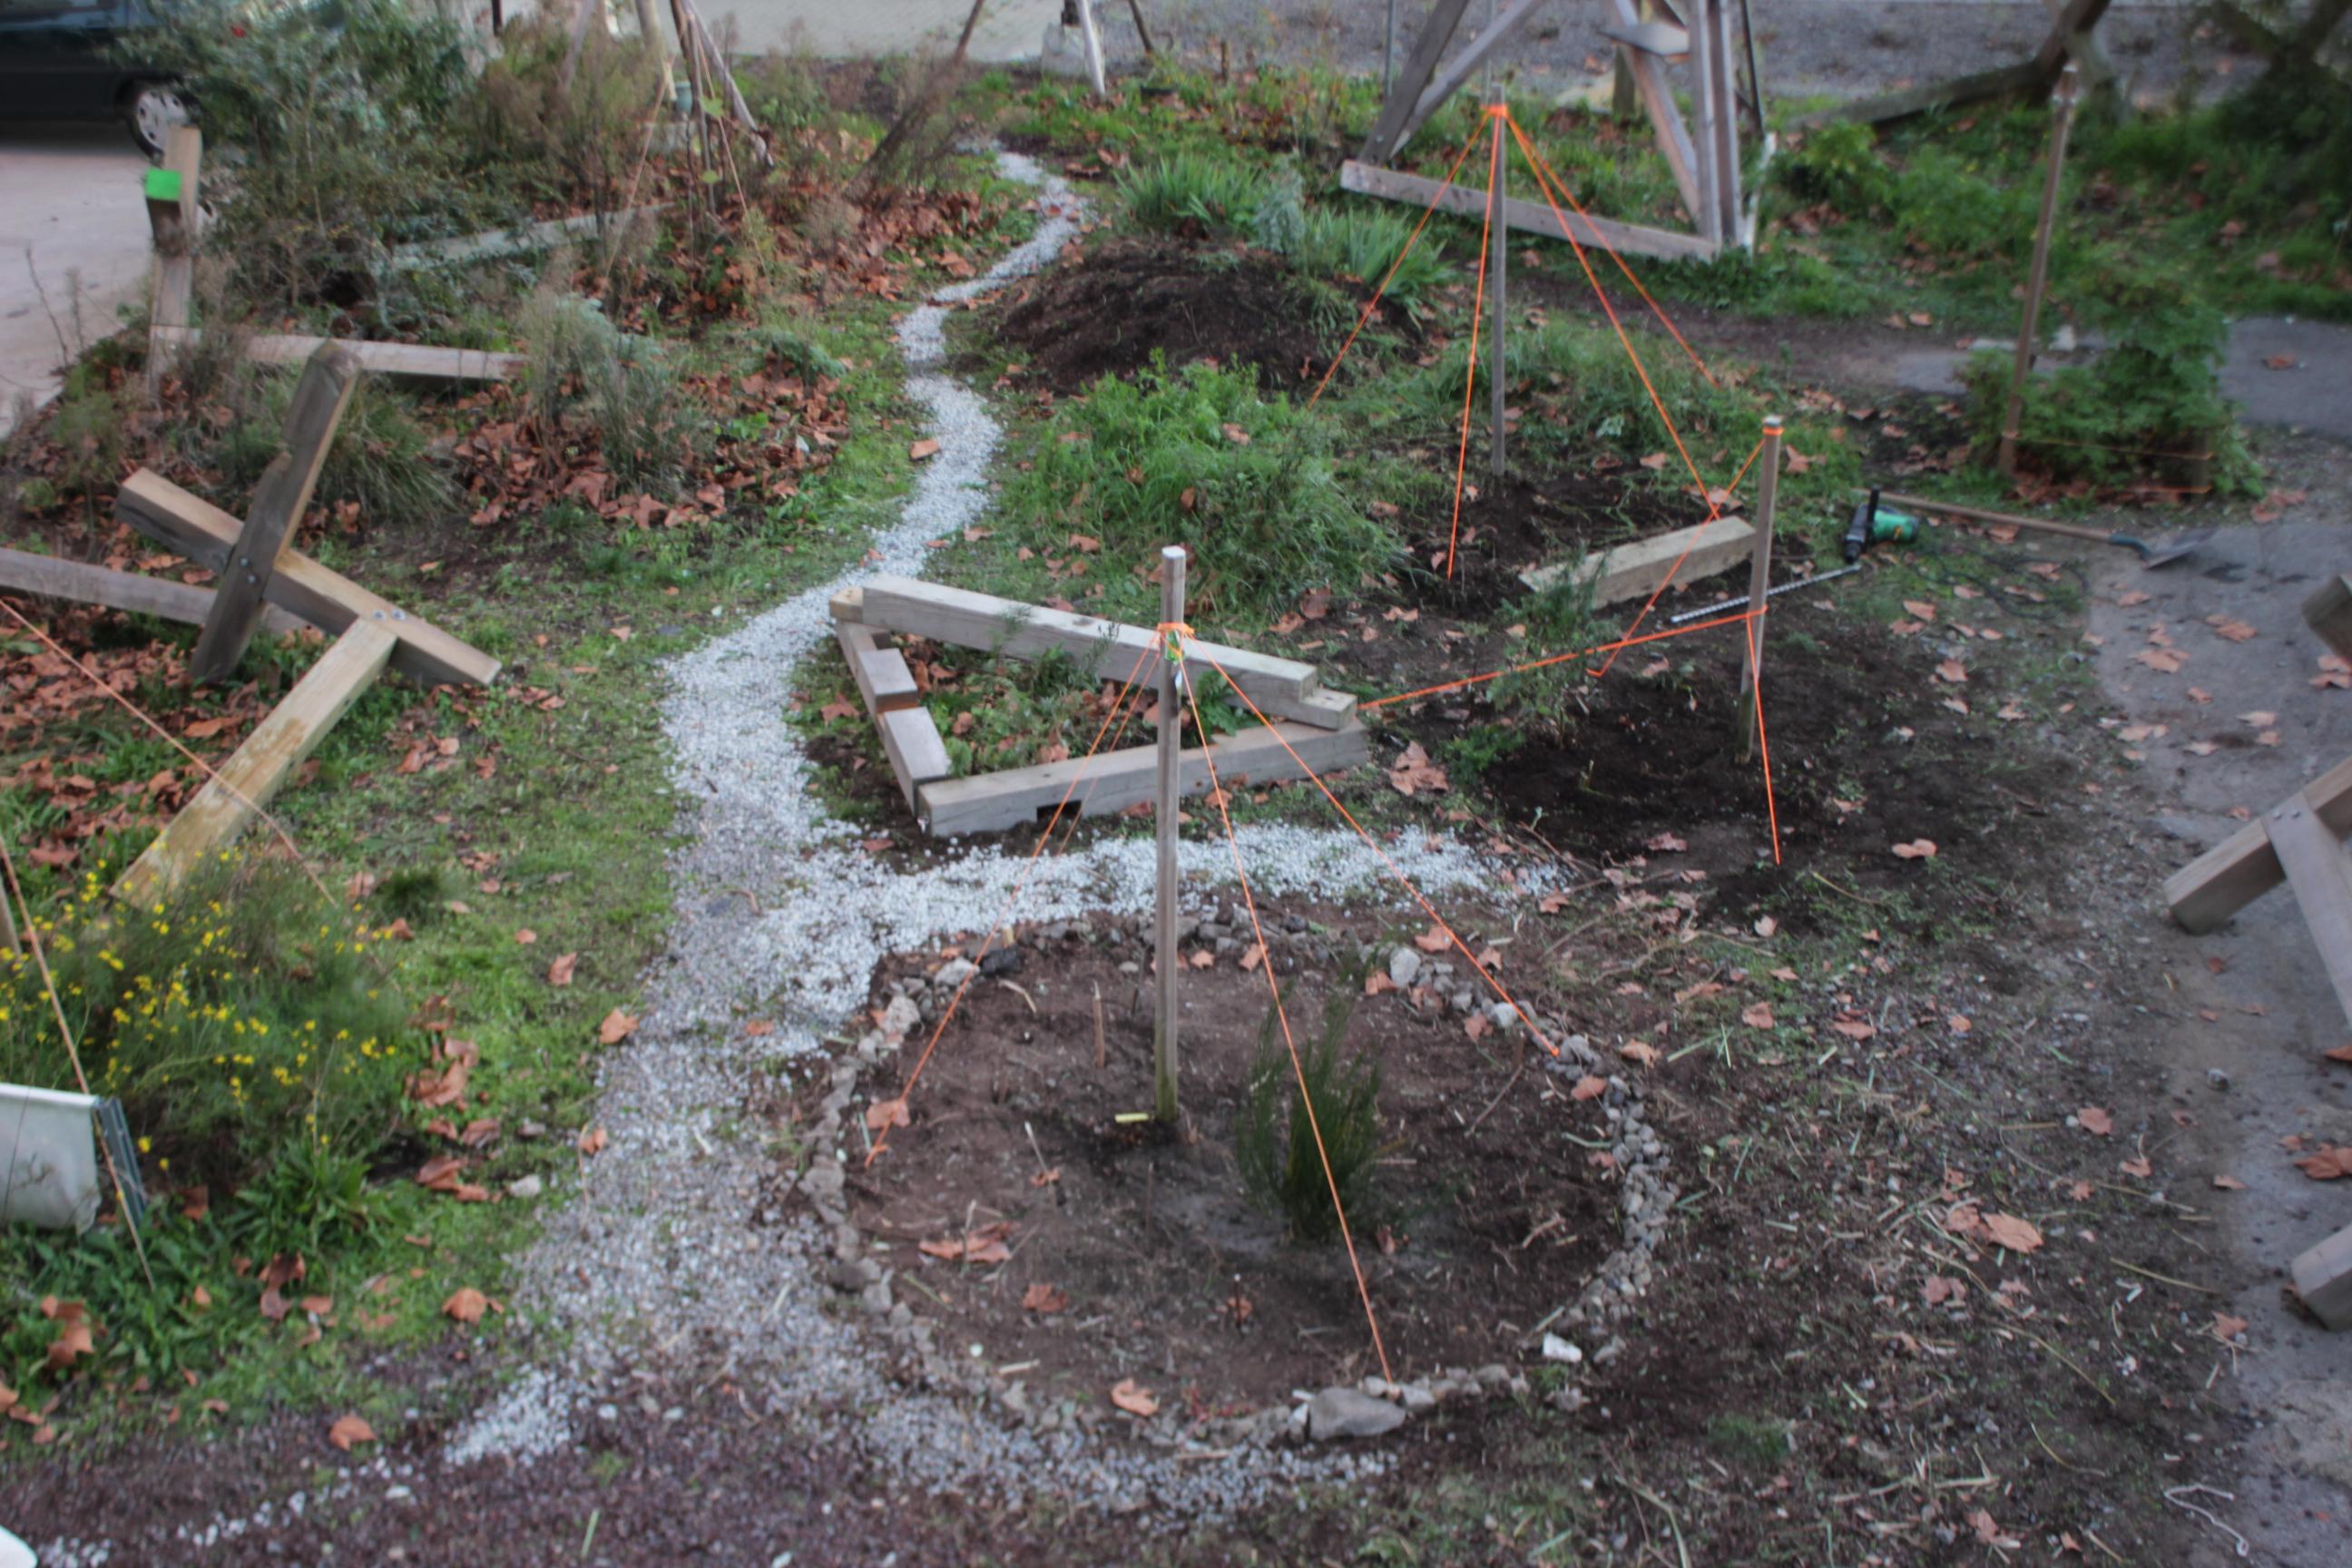 Mire chantier d hiver au jardin c for Jardin hiver plantation